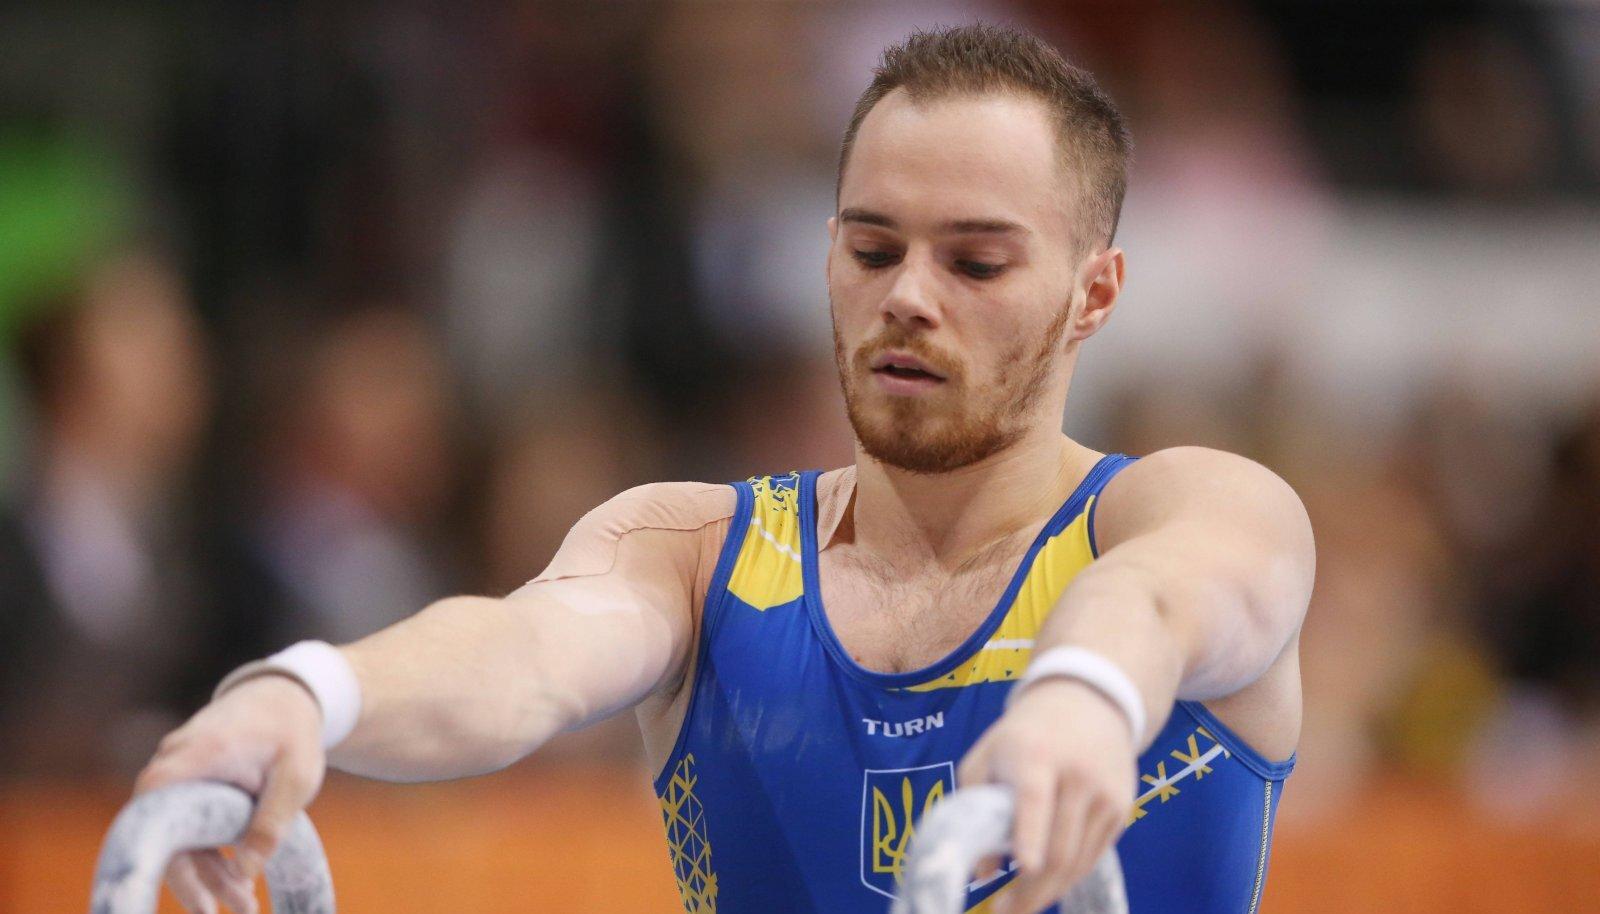 Oleg Vernjajev